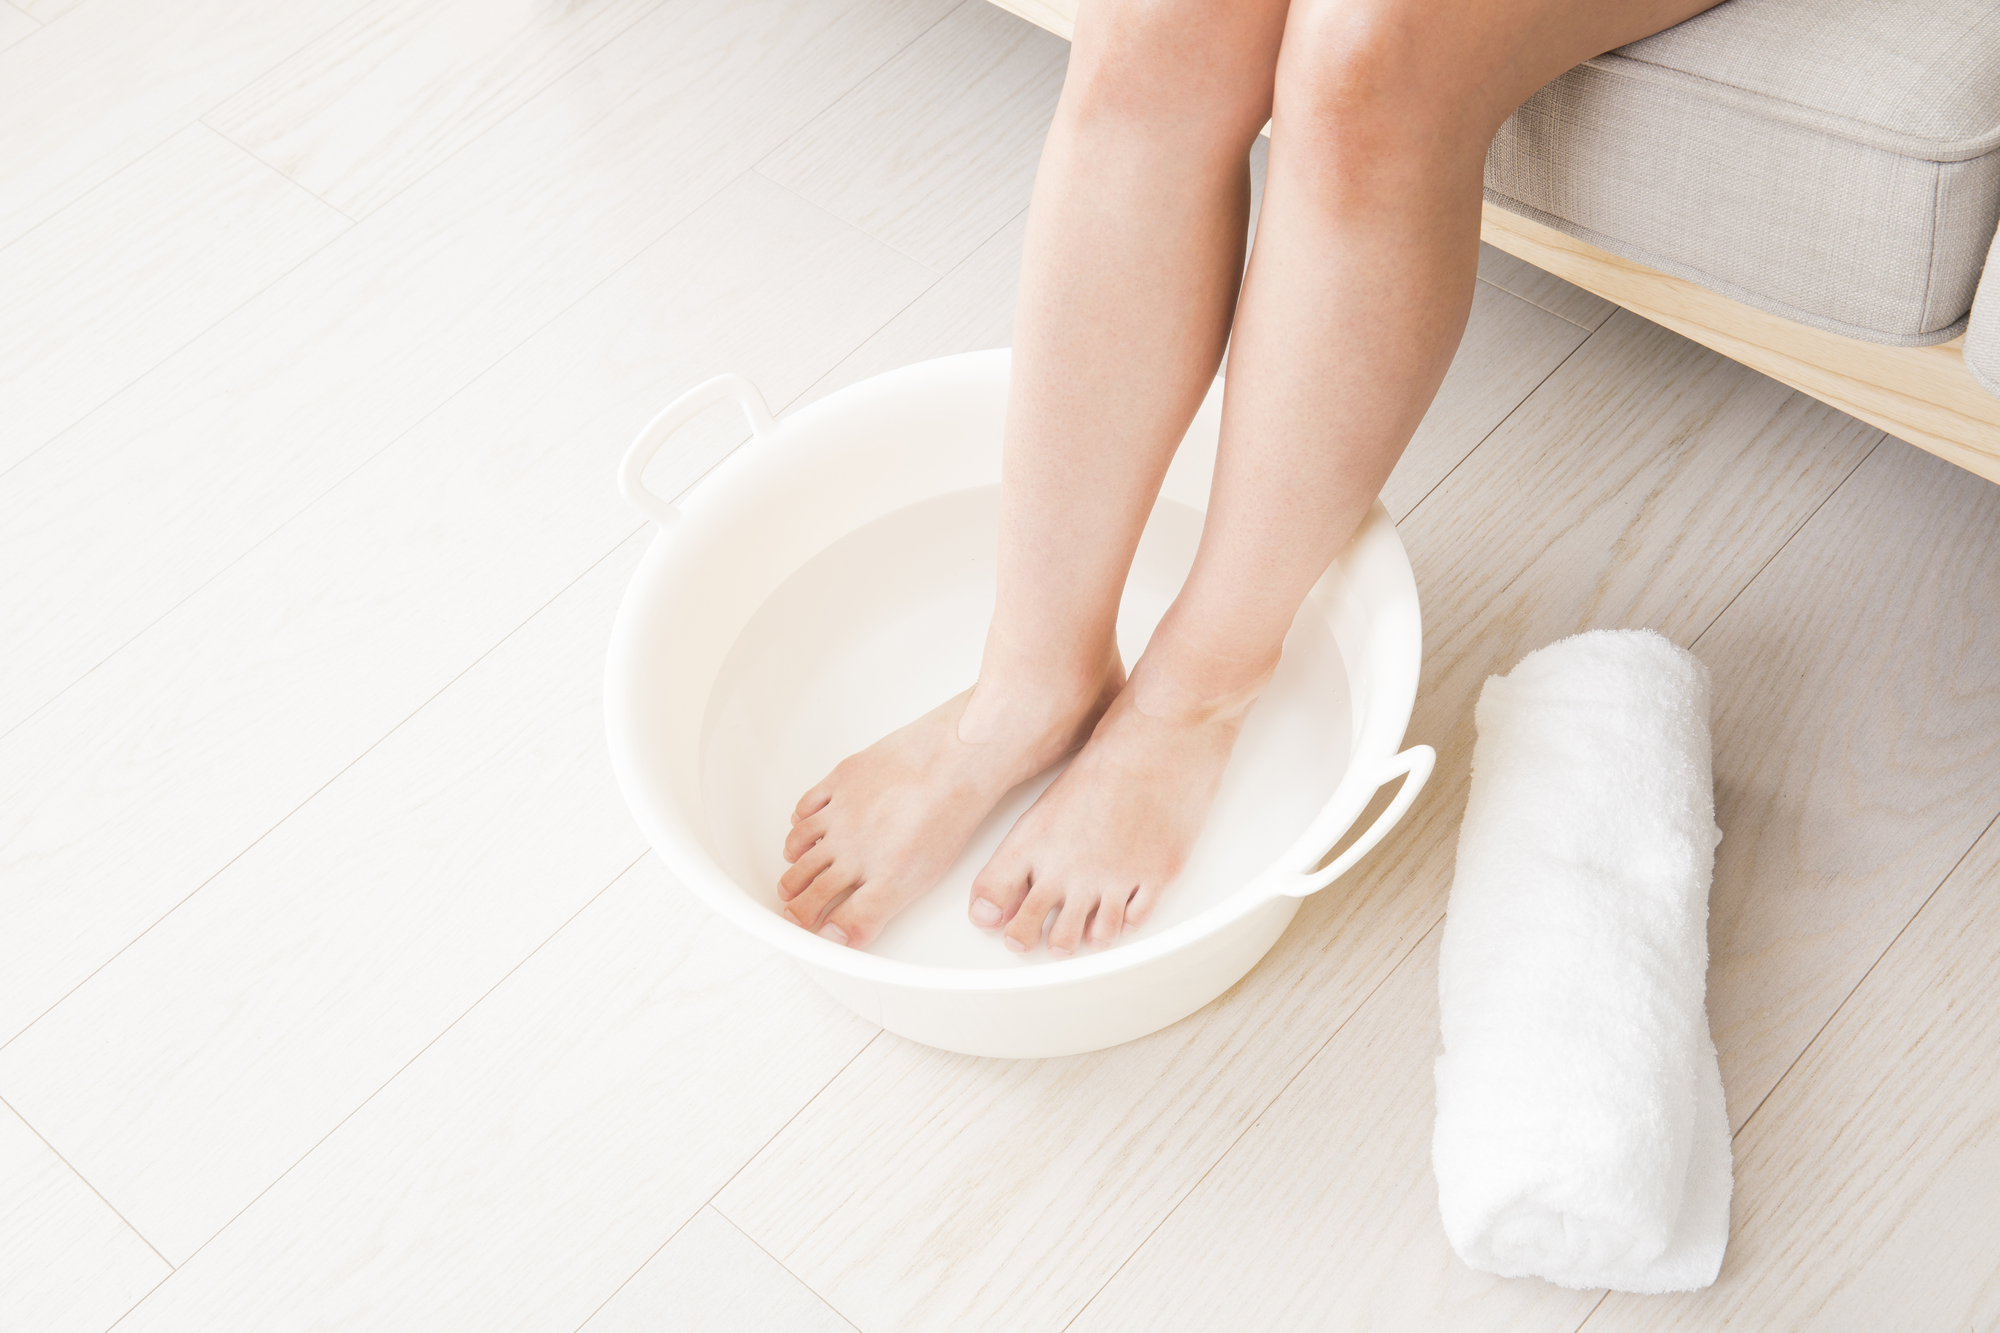 体温が1度下がると、免疫力が30%もダウン! 免疫学の権威が伝授する「いい入浴法」